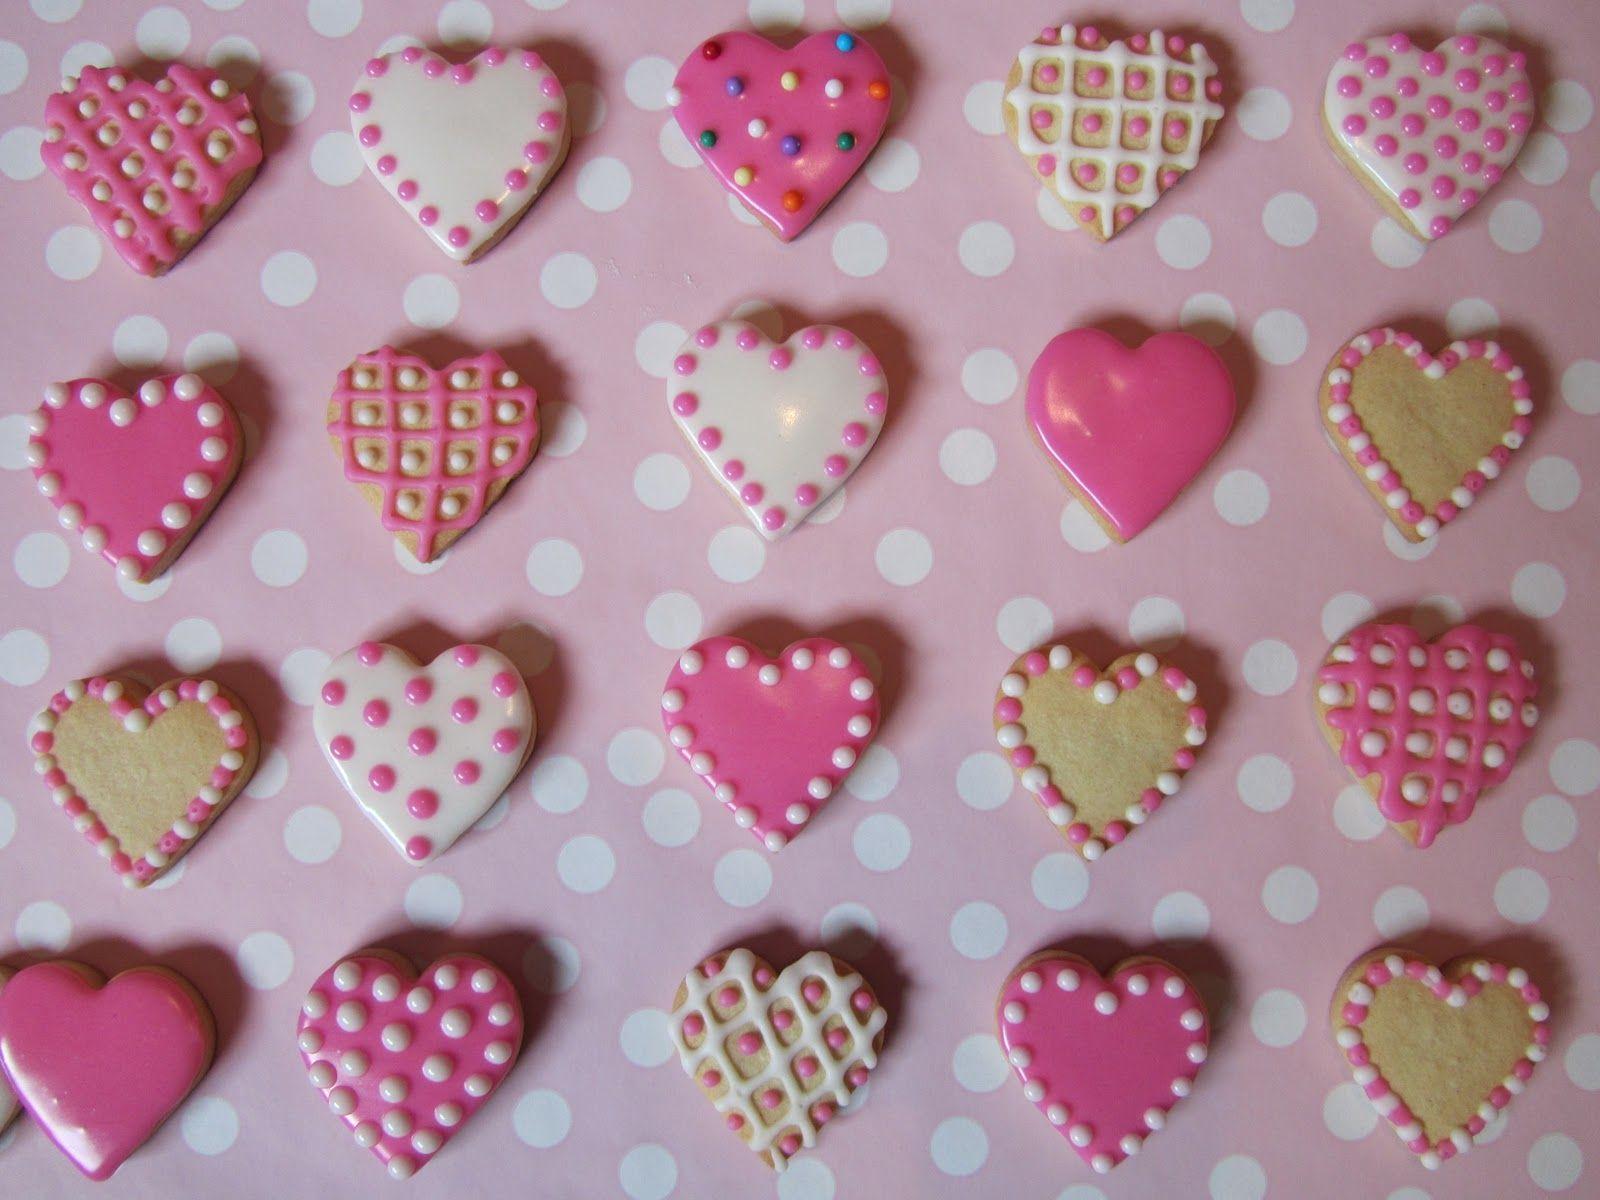 galletas decoradas amor y amistad Buscar con Google